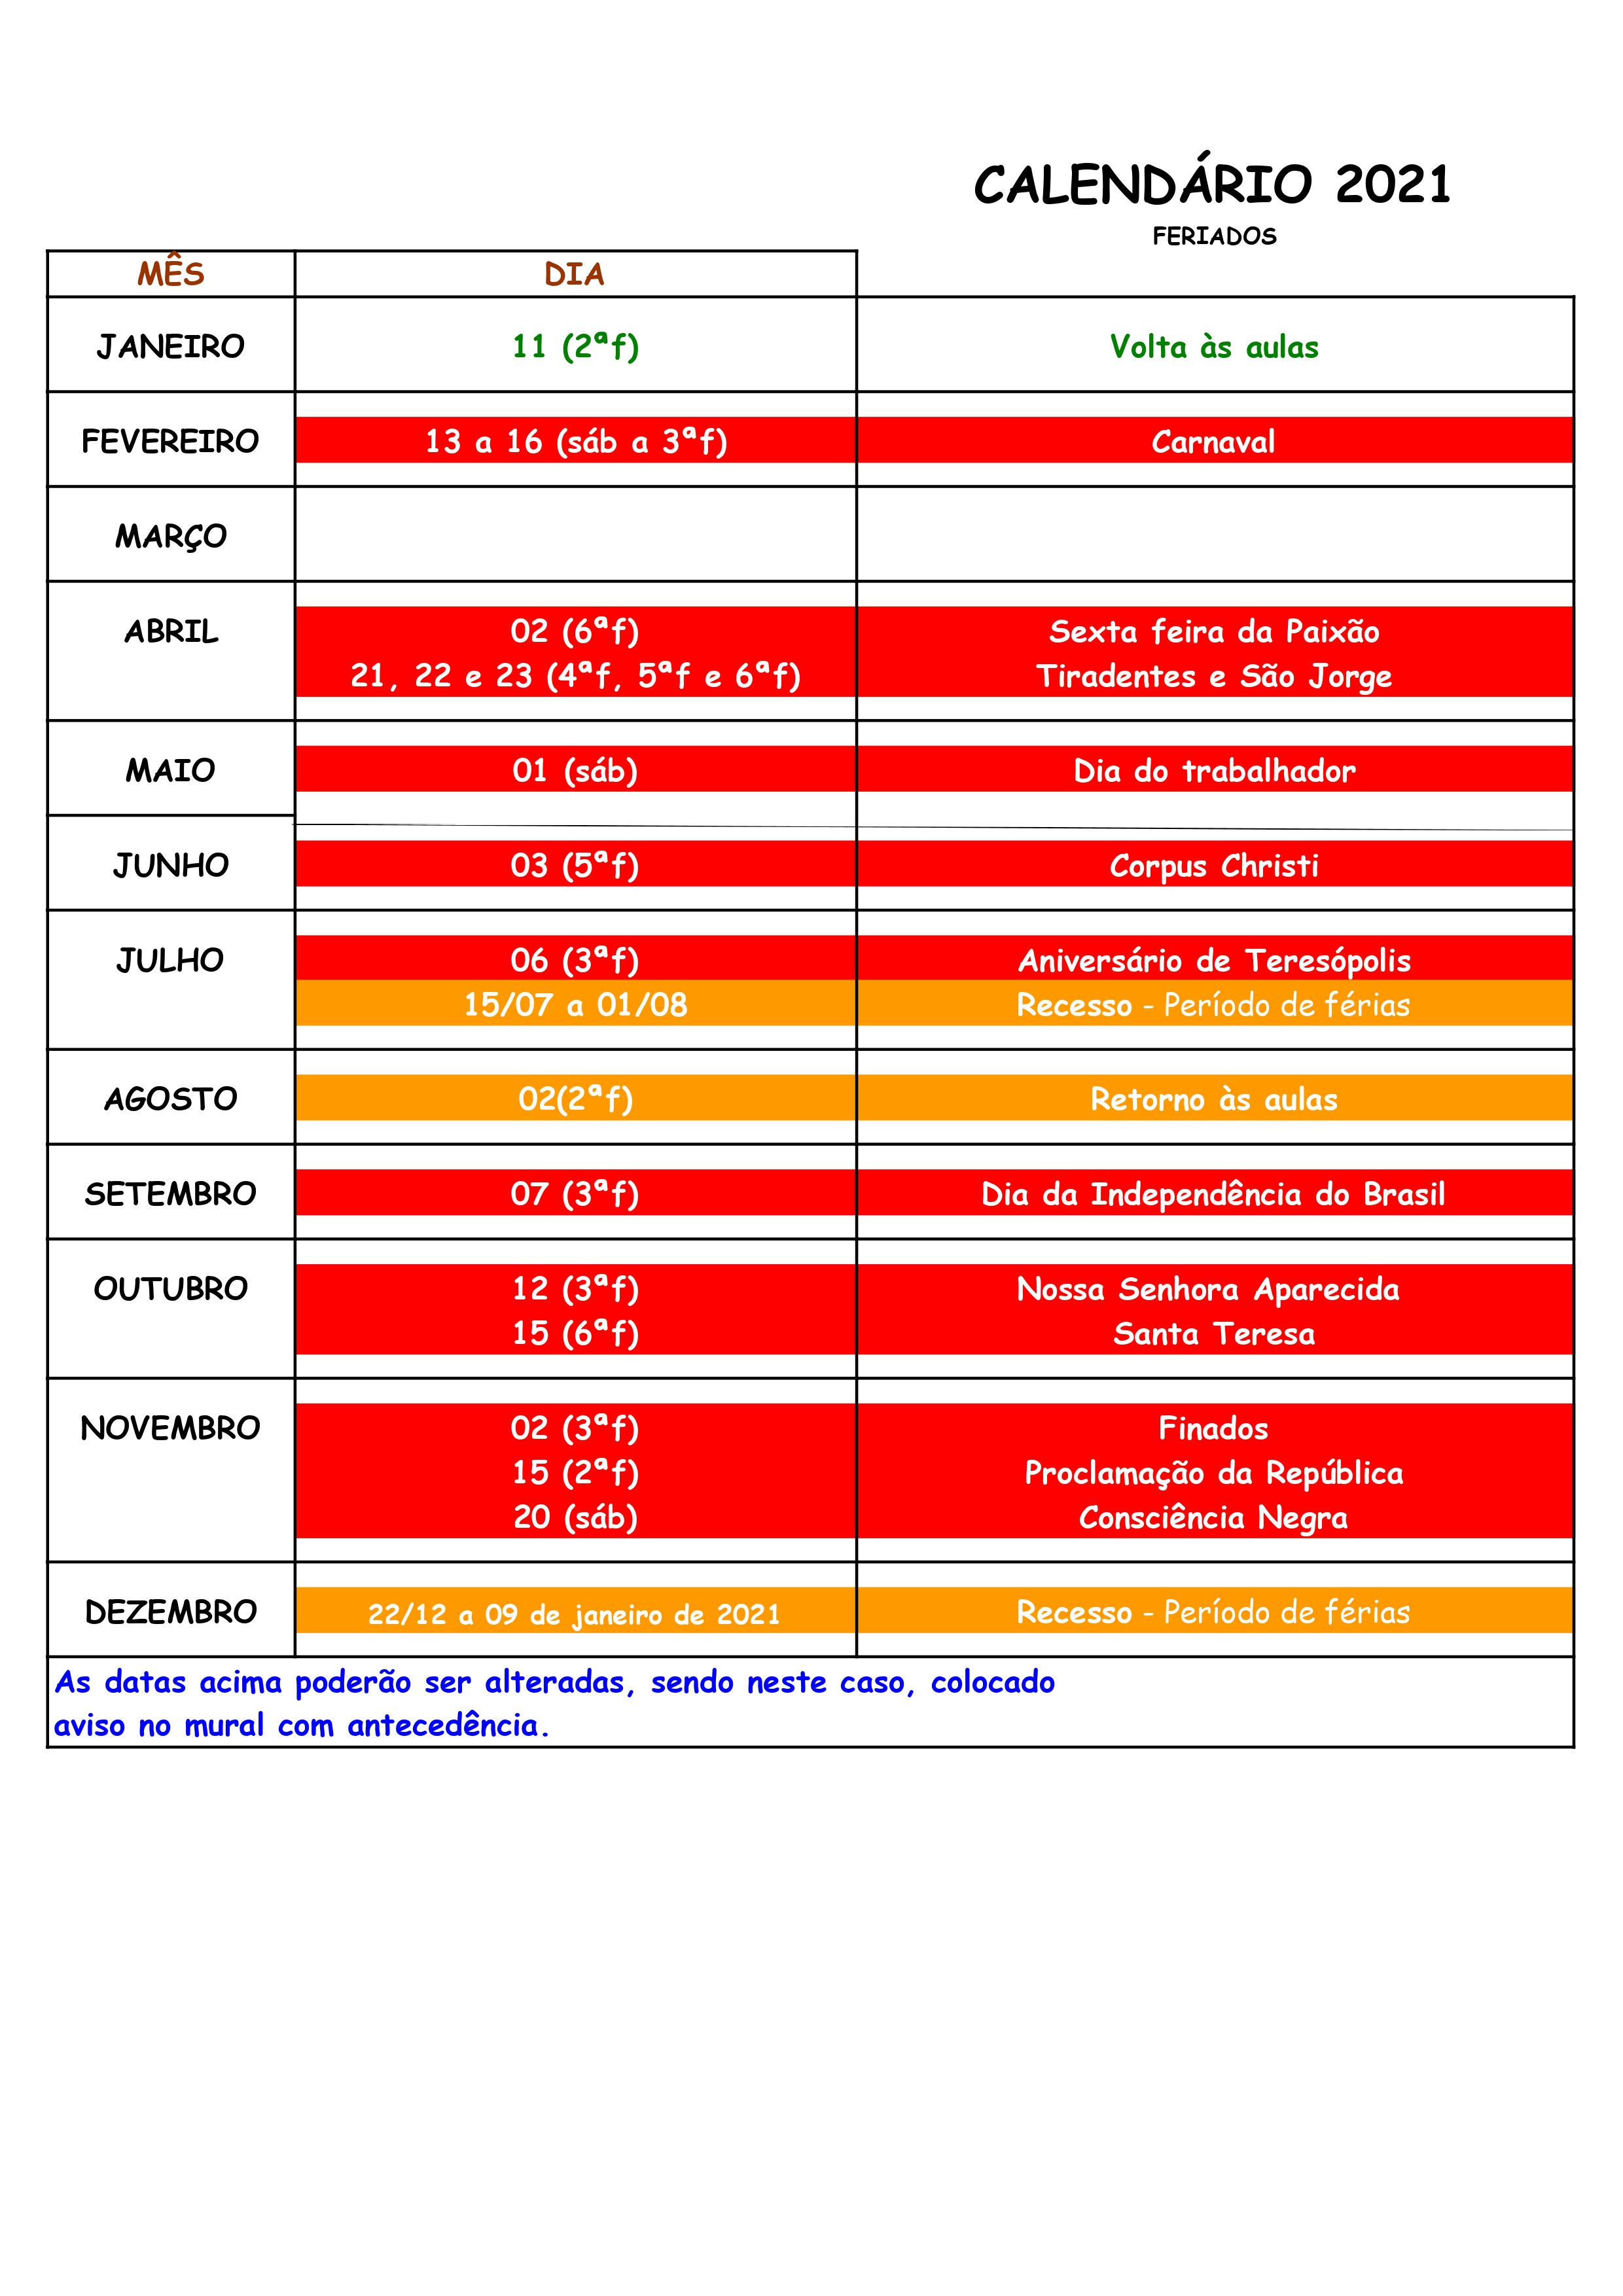 Calendário 2021 - Instituto de Artes